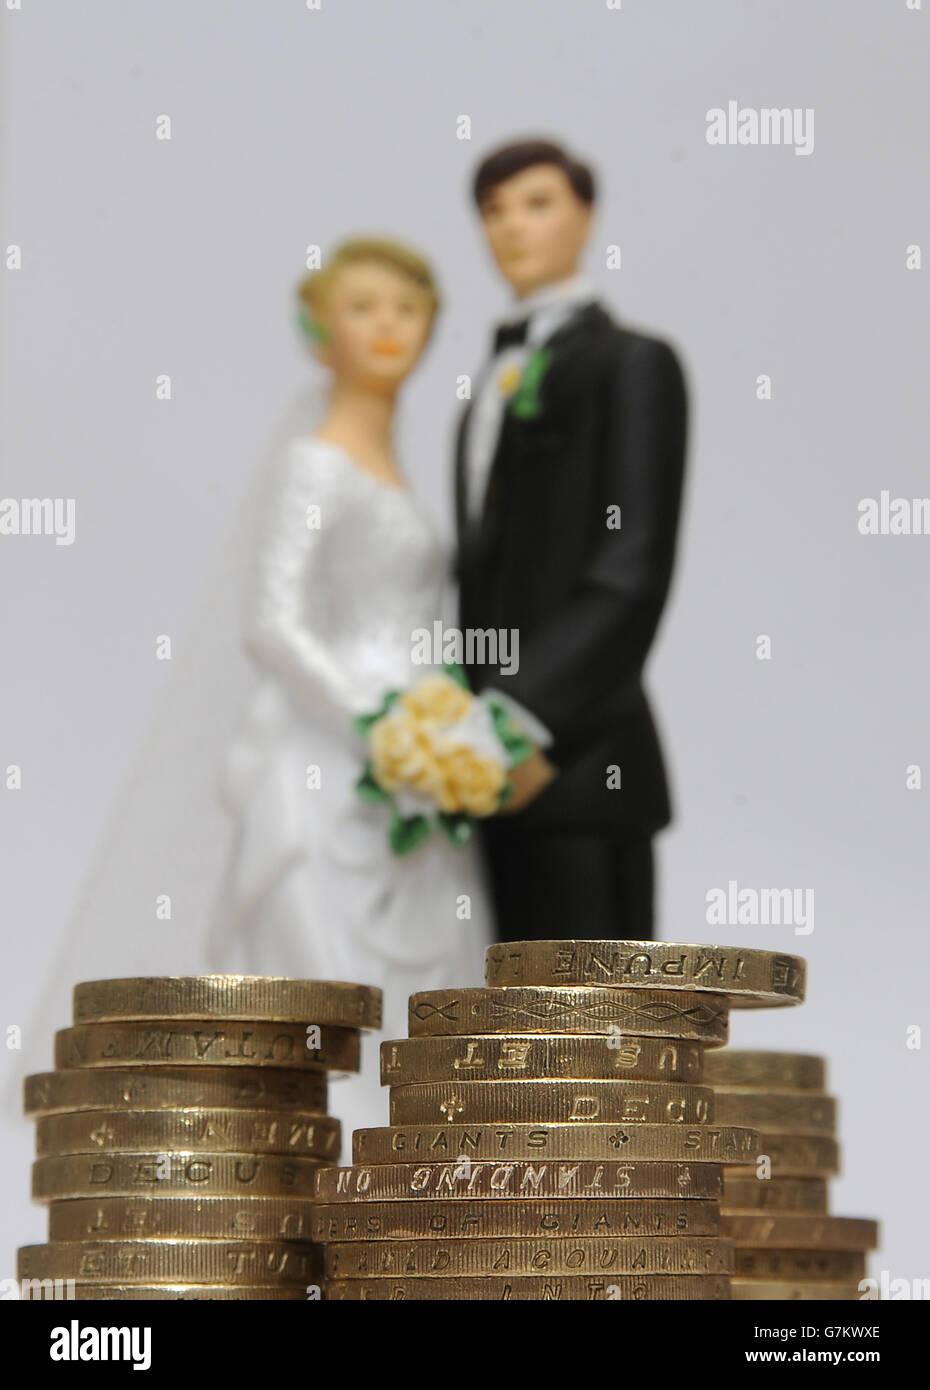 Money stock - Stock Image